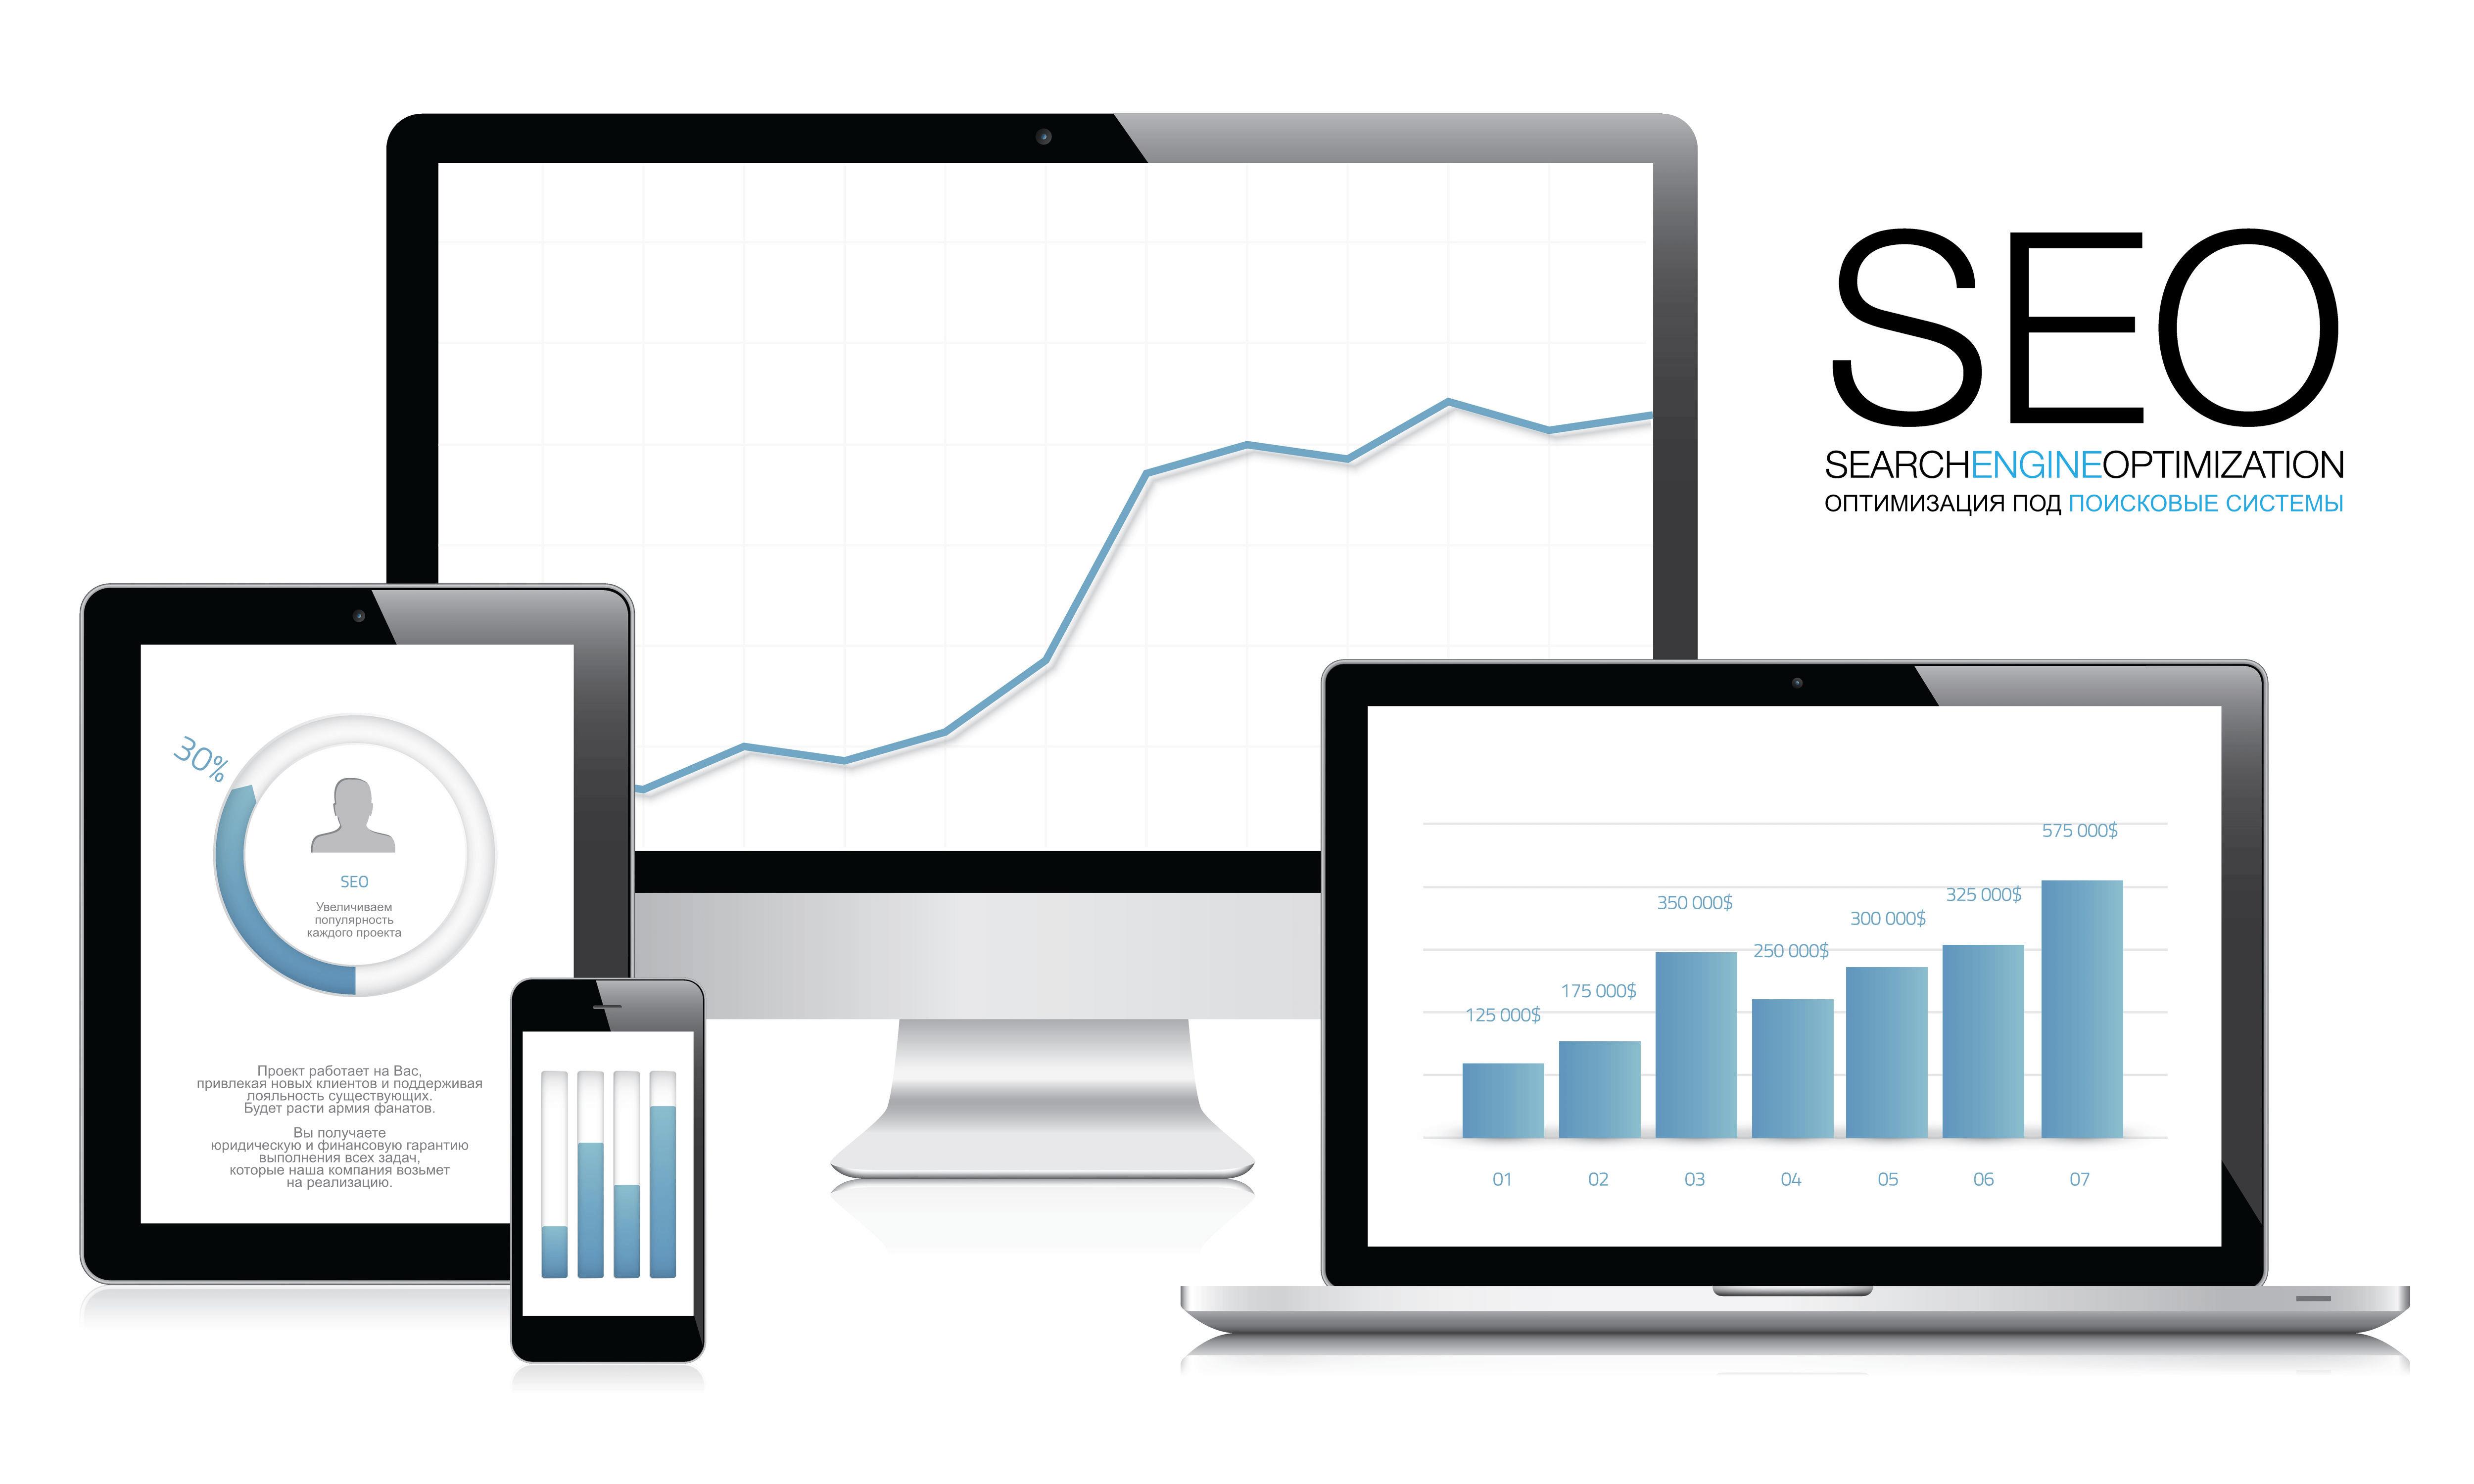 Бесплатный аудит по Search Engine Optimization (SEO)